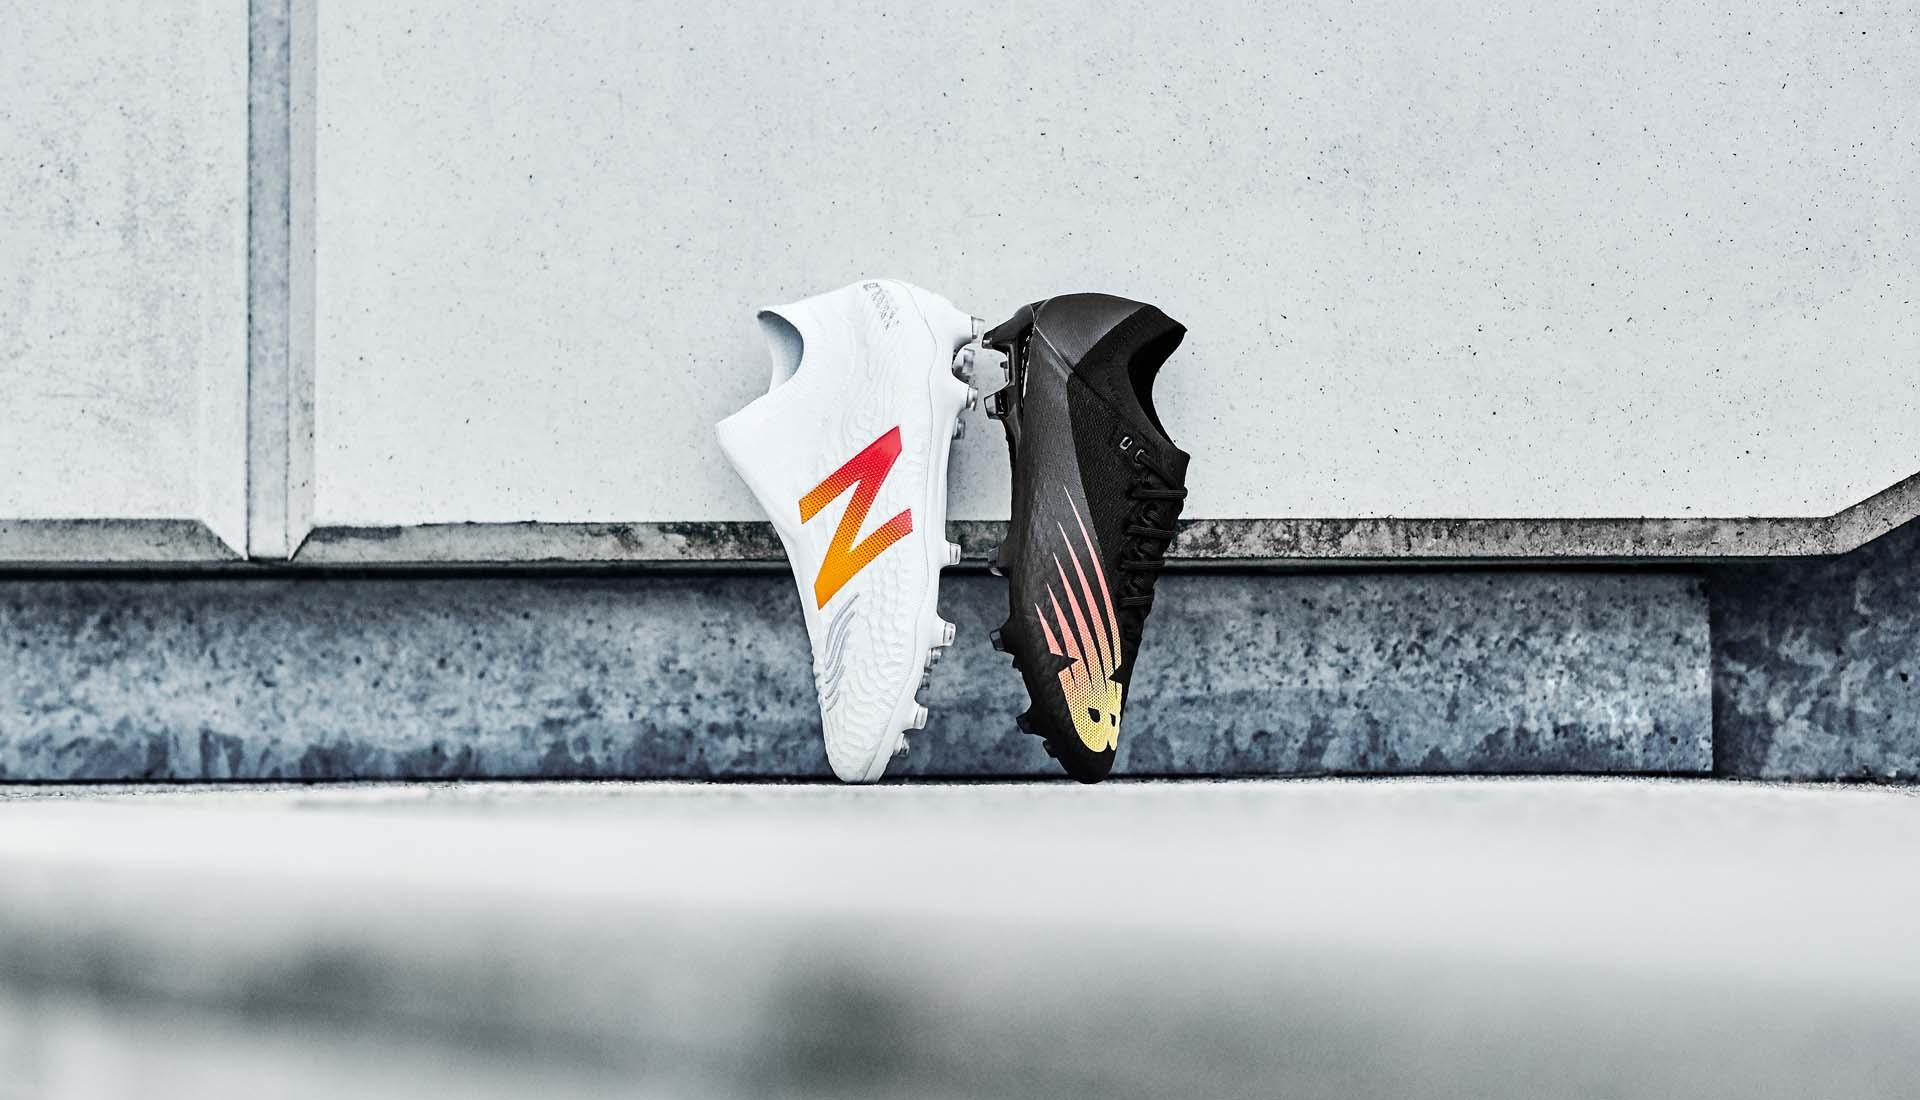 Bộ sưu tập giày bóng đá New Balance 'Rise & Reign' được ra mắt với 2 mẫu giày